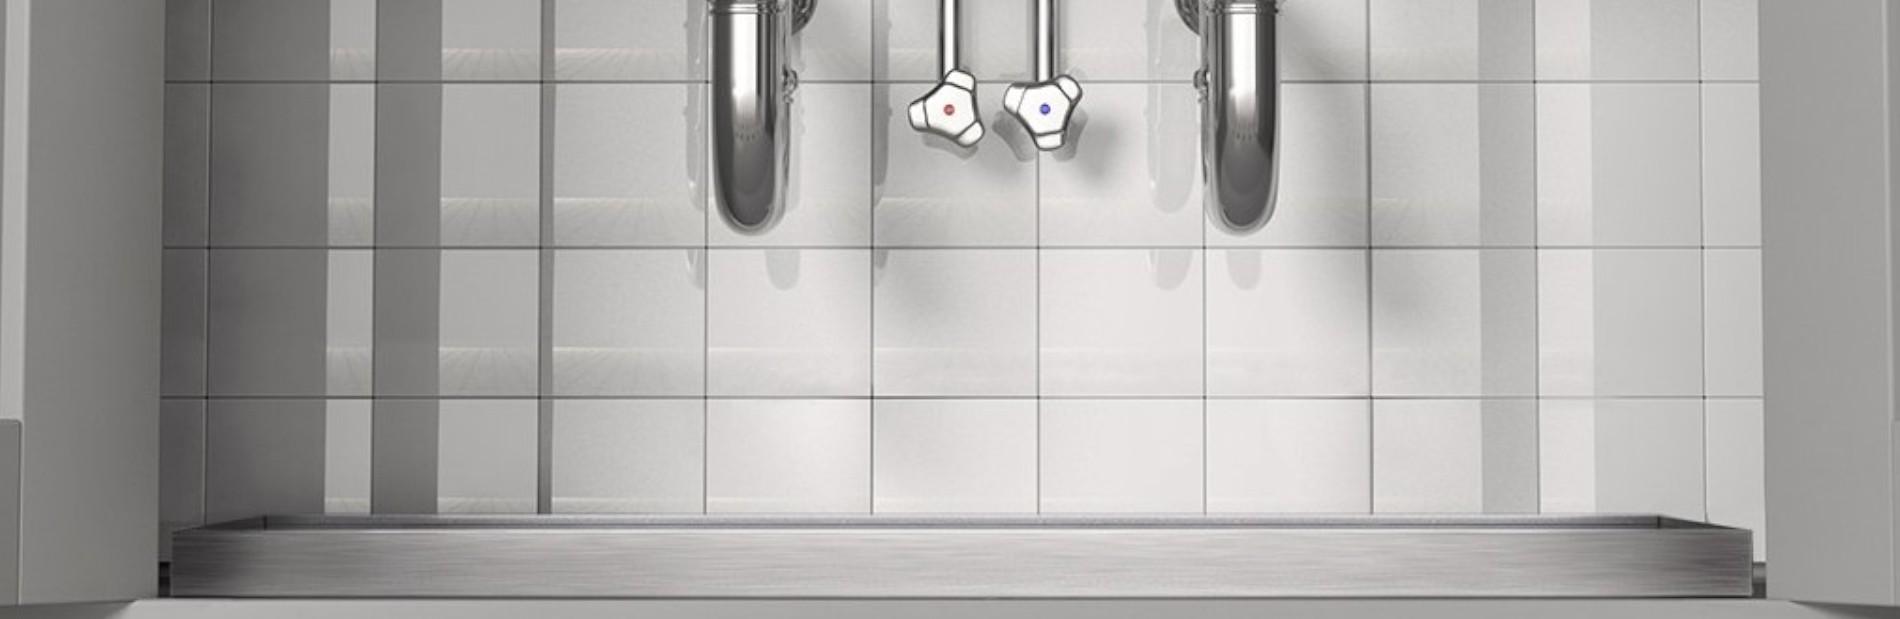 Under Sink Drip Pan